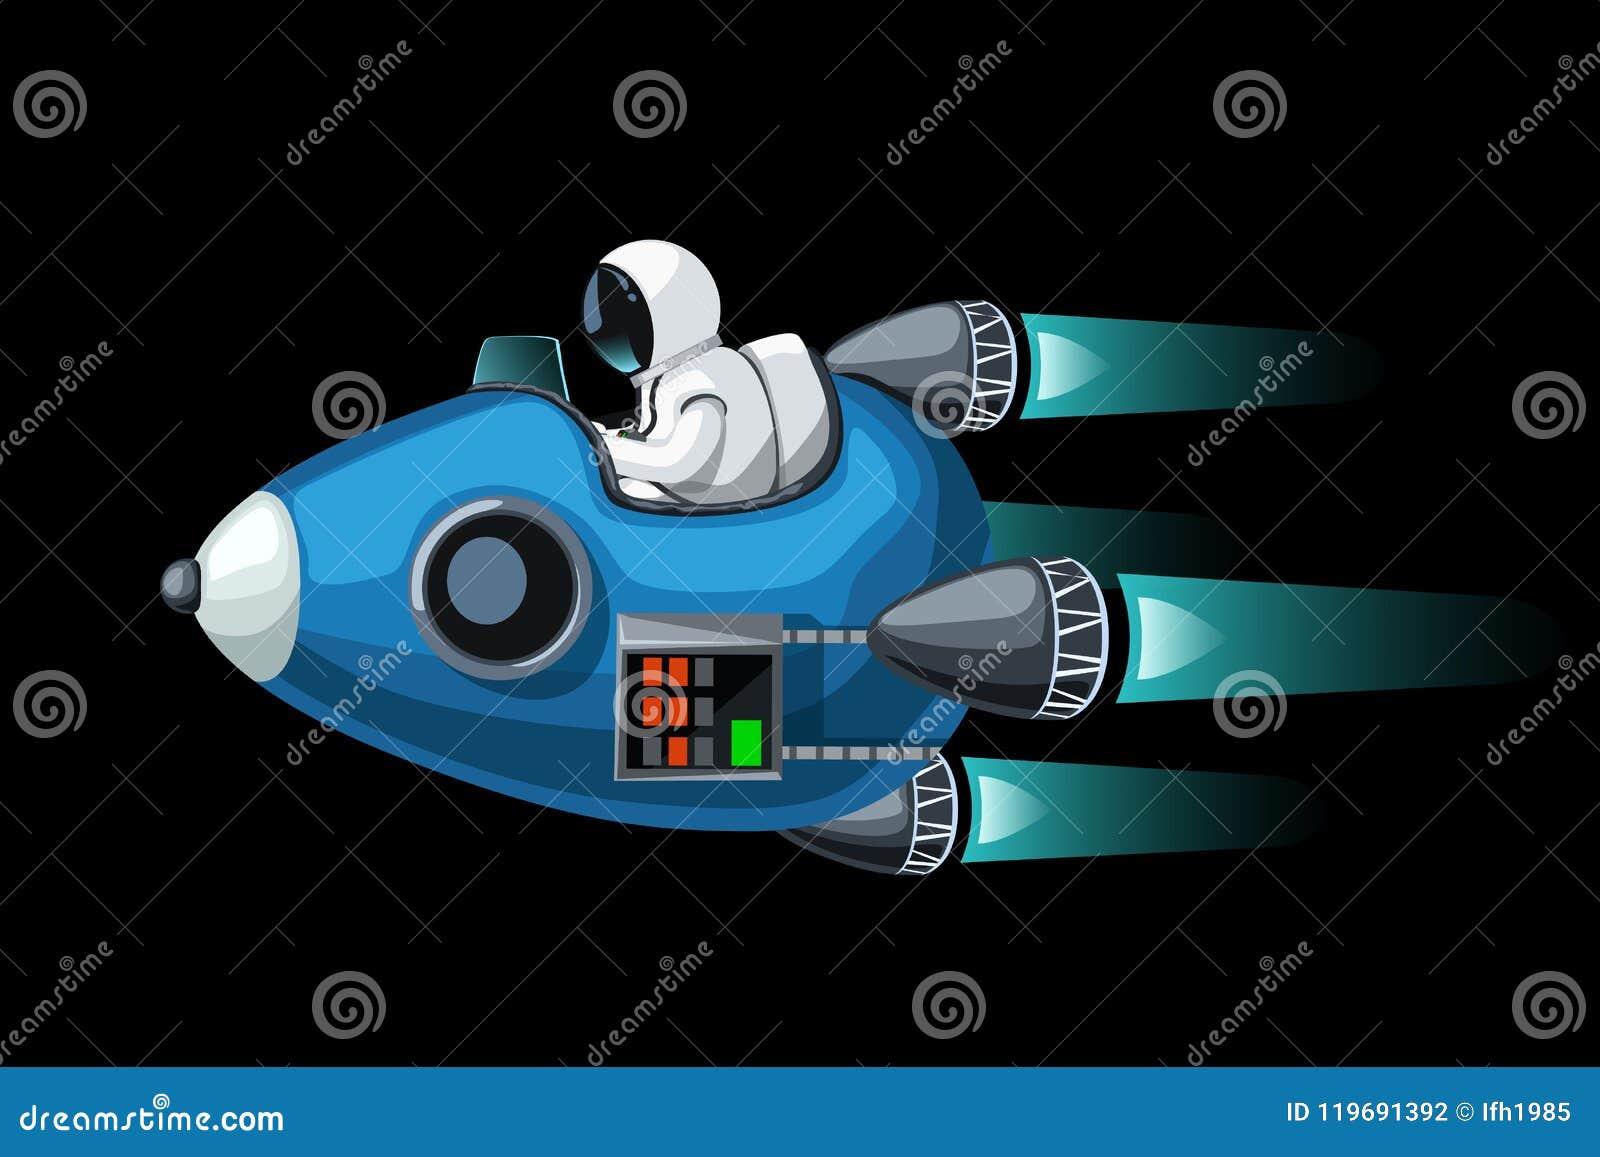 Convertibel ruimteschip op zwarte